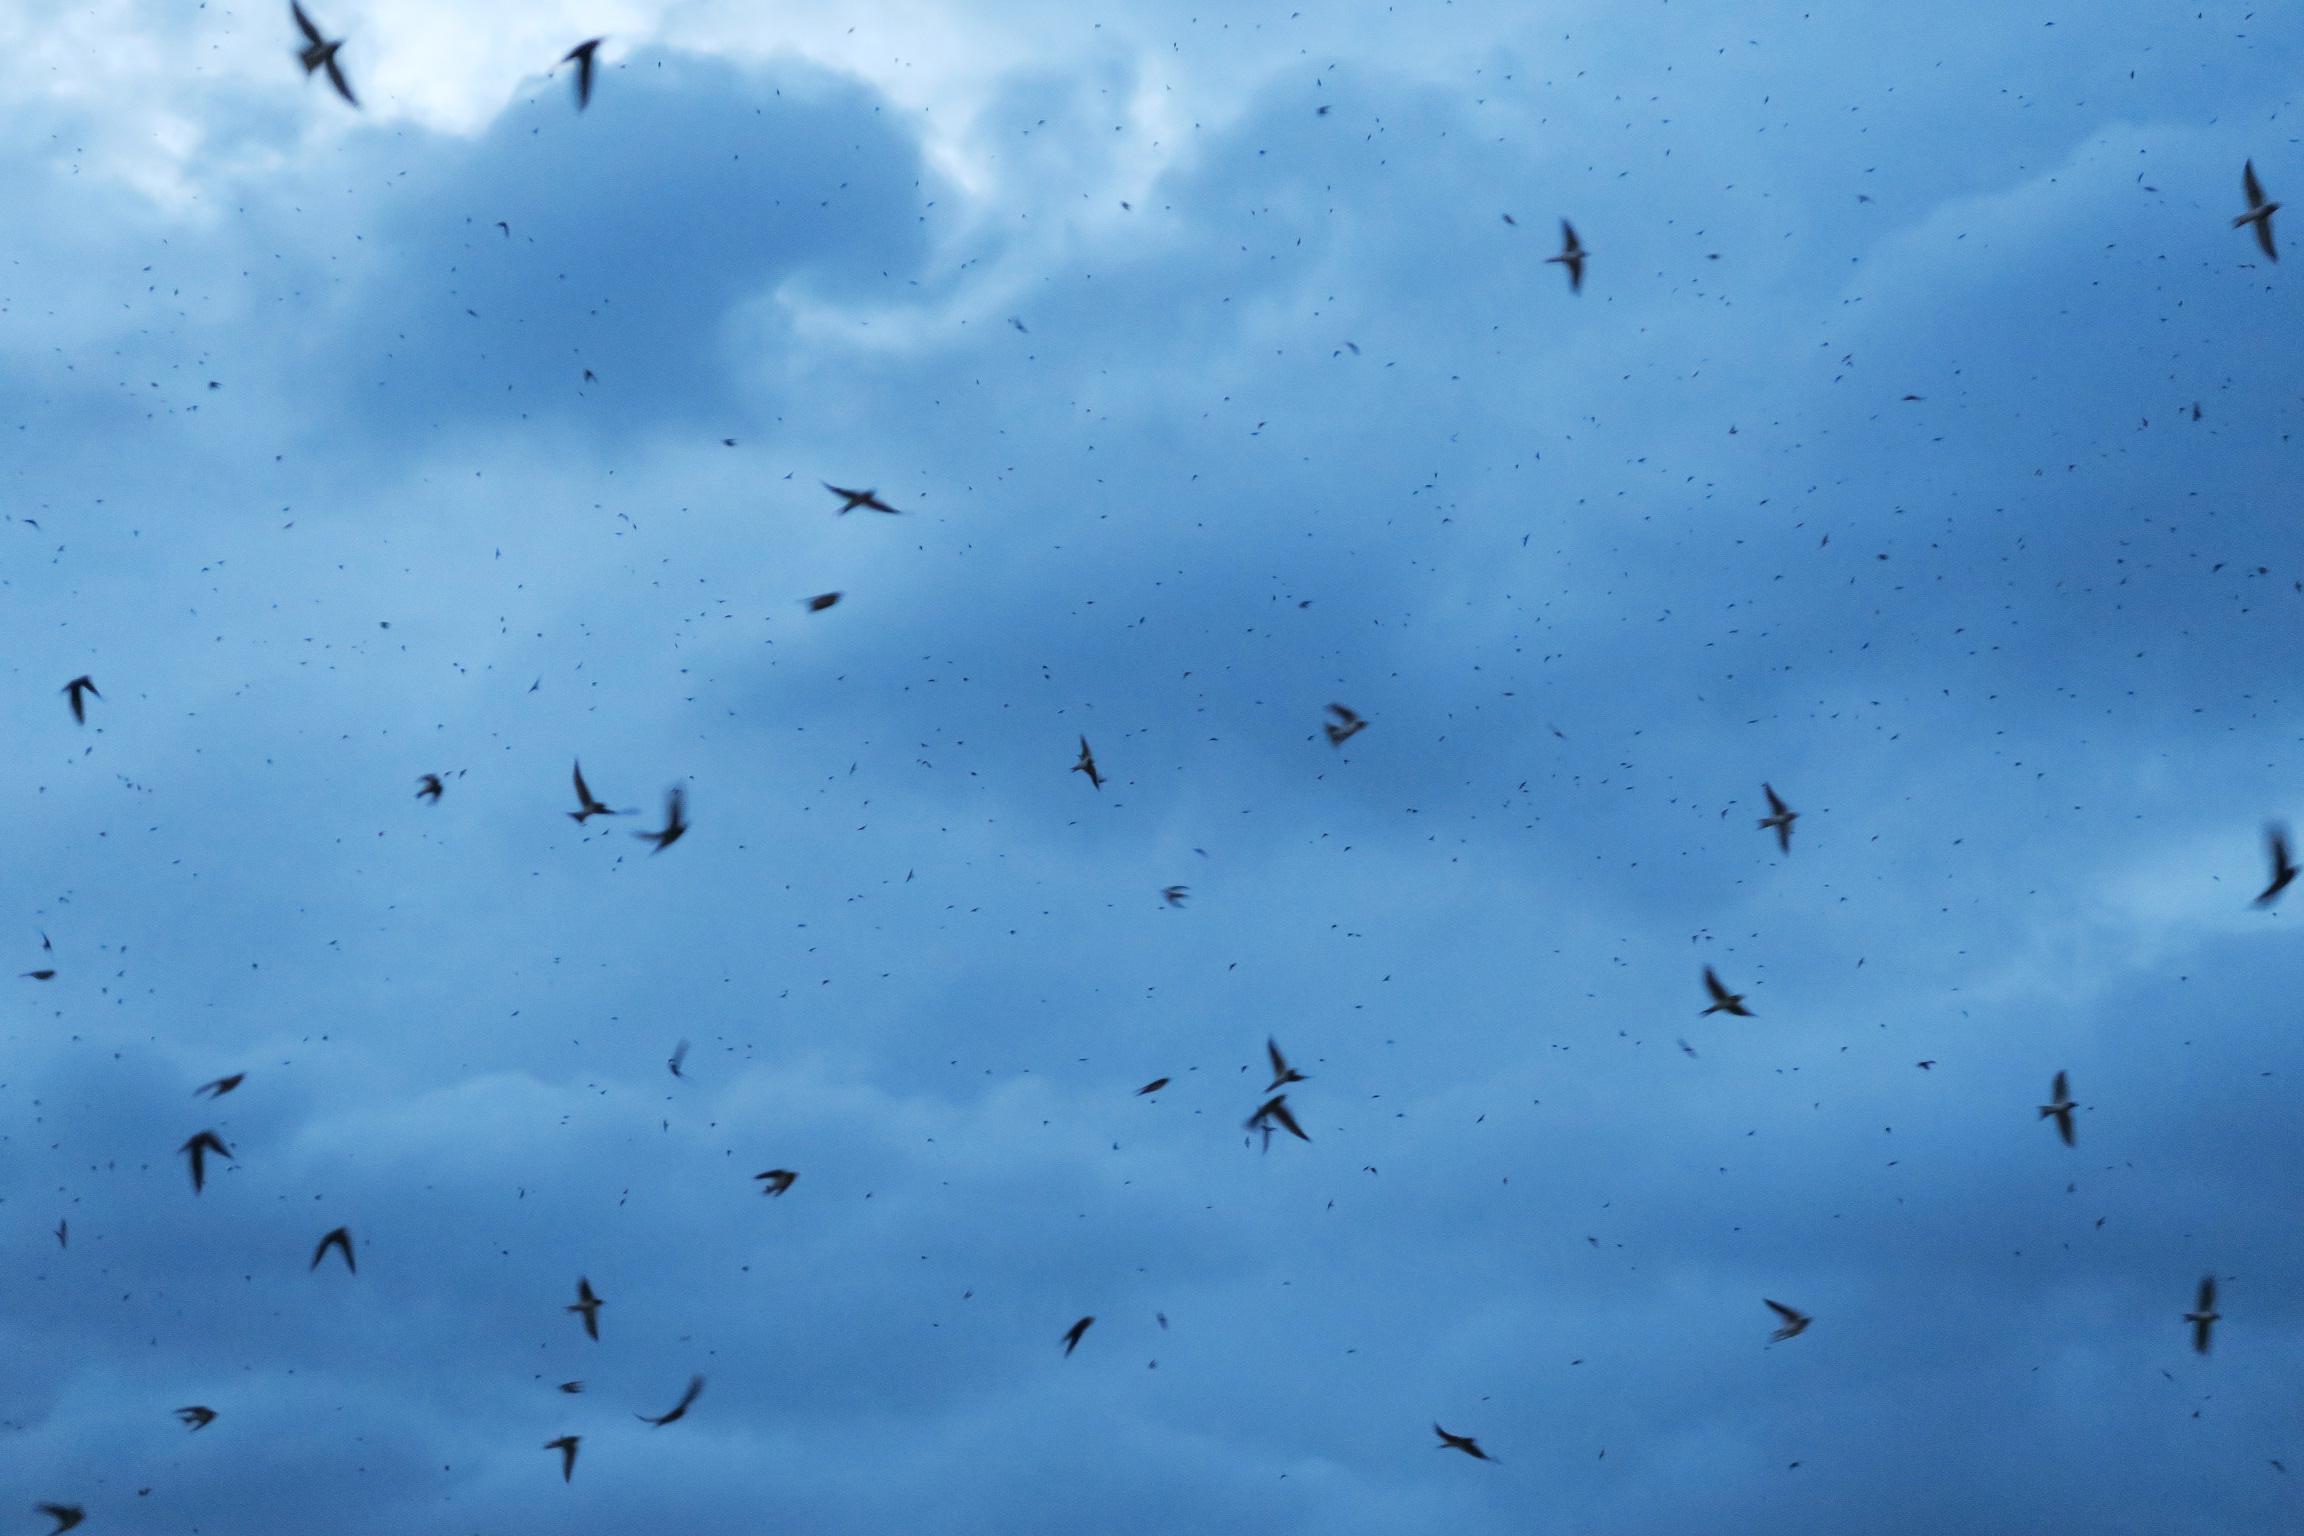 敷地内に、つばめのねぐらがあって、 つばめの物凄い大群が、空を舞っていました。